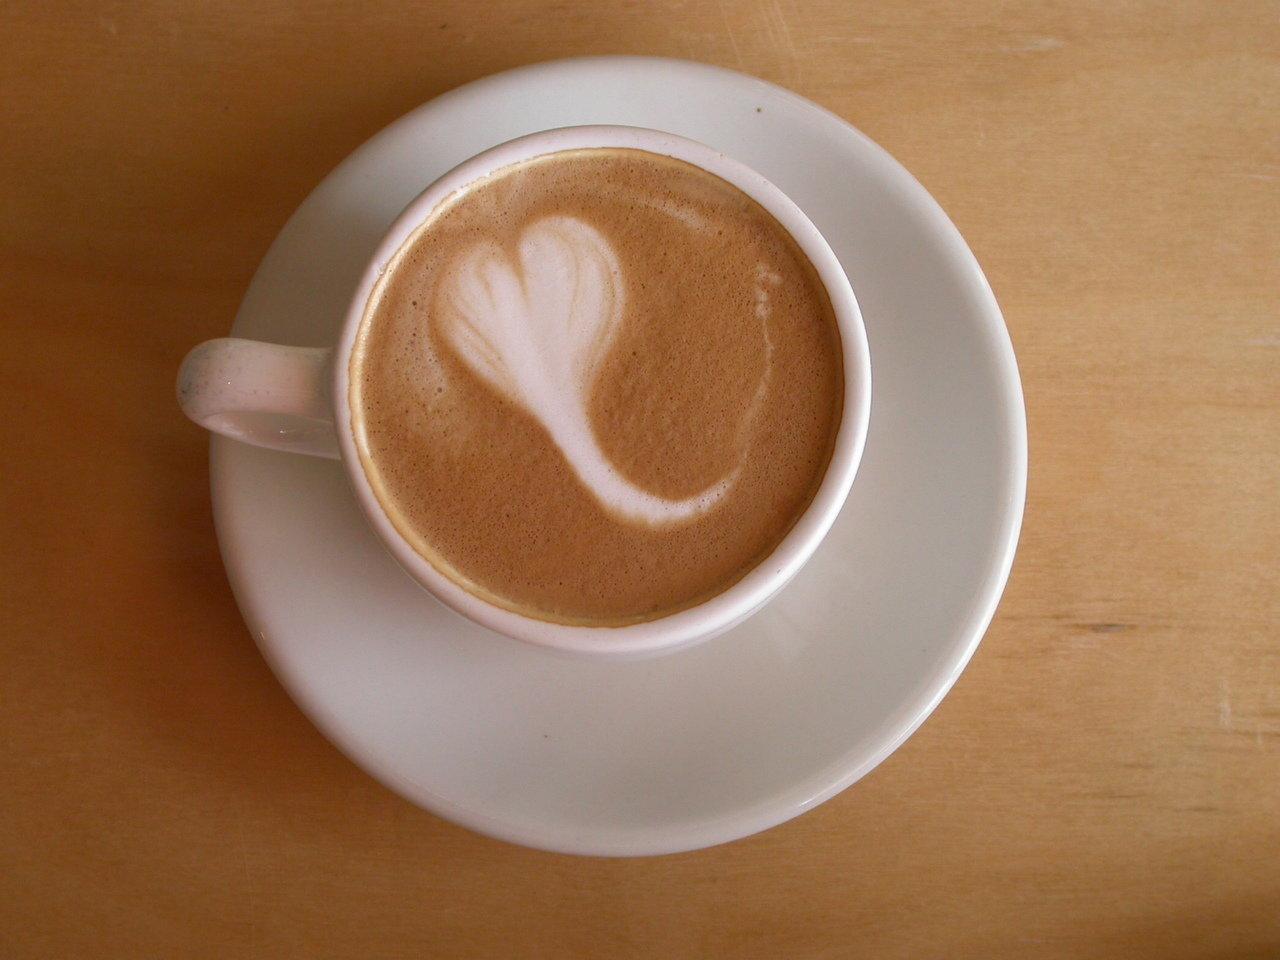 coffee-1559191-1280x960